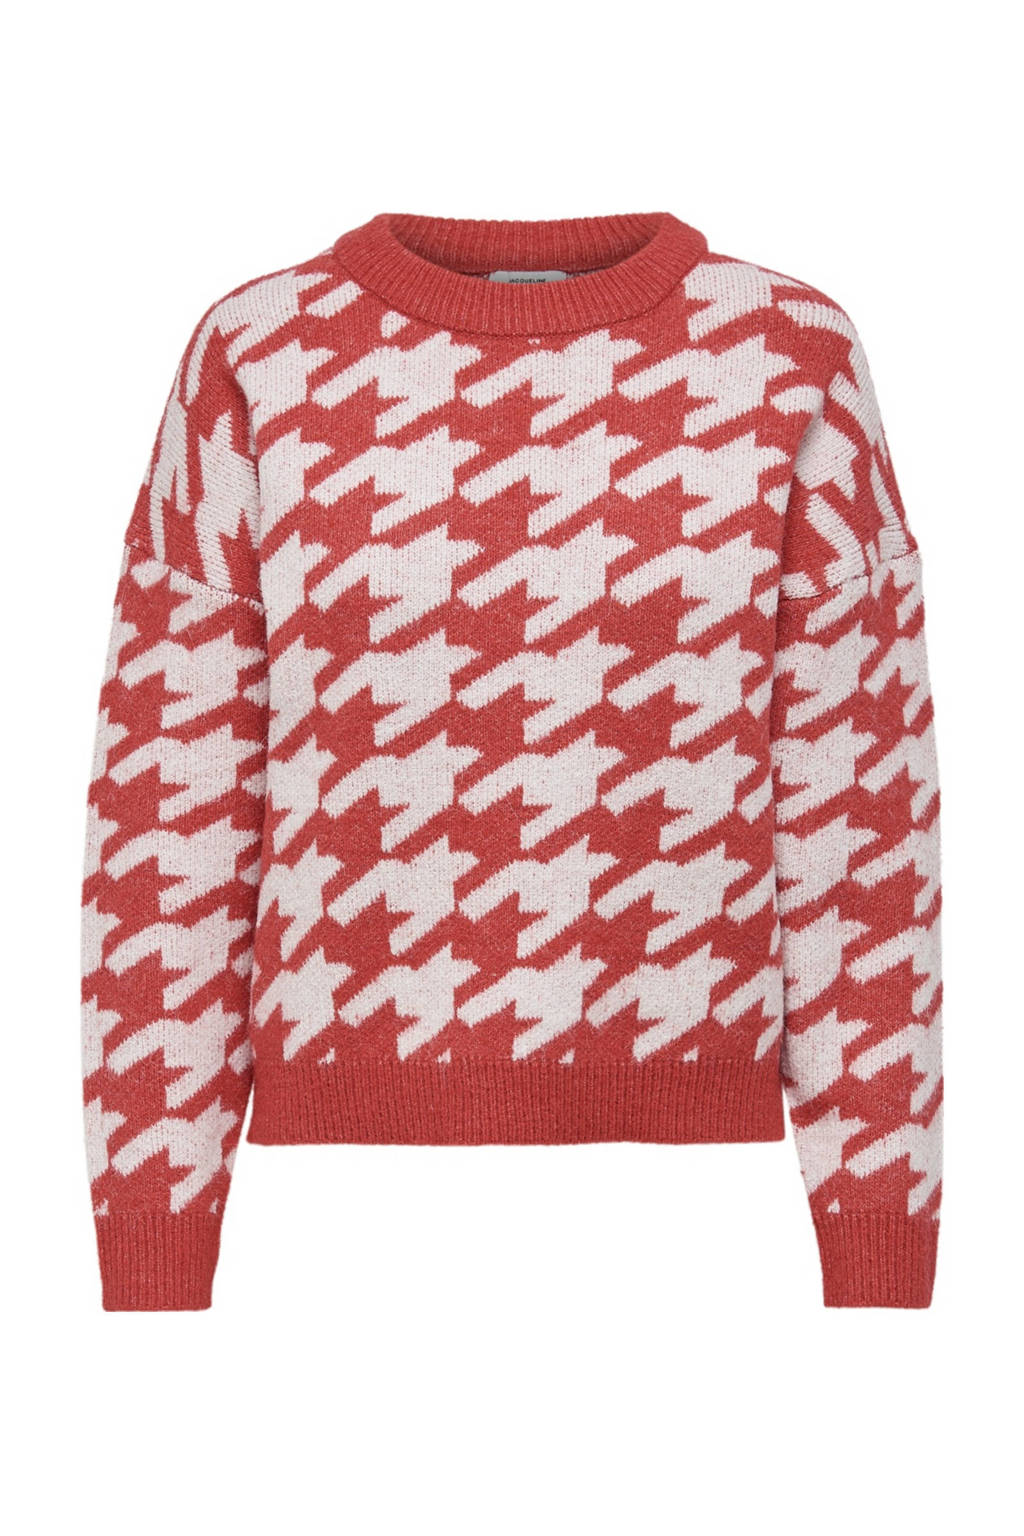 JACQUELINE DE YONG trui JDYAXIS met grafische print rood, Rood